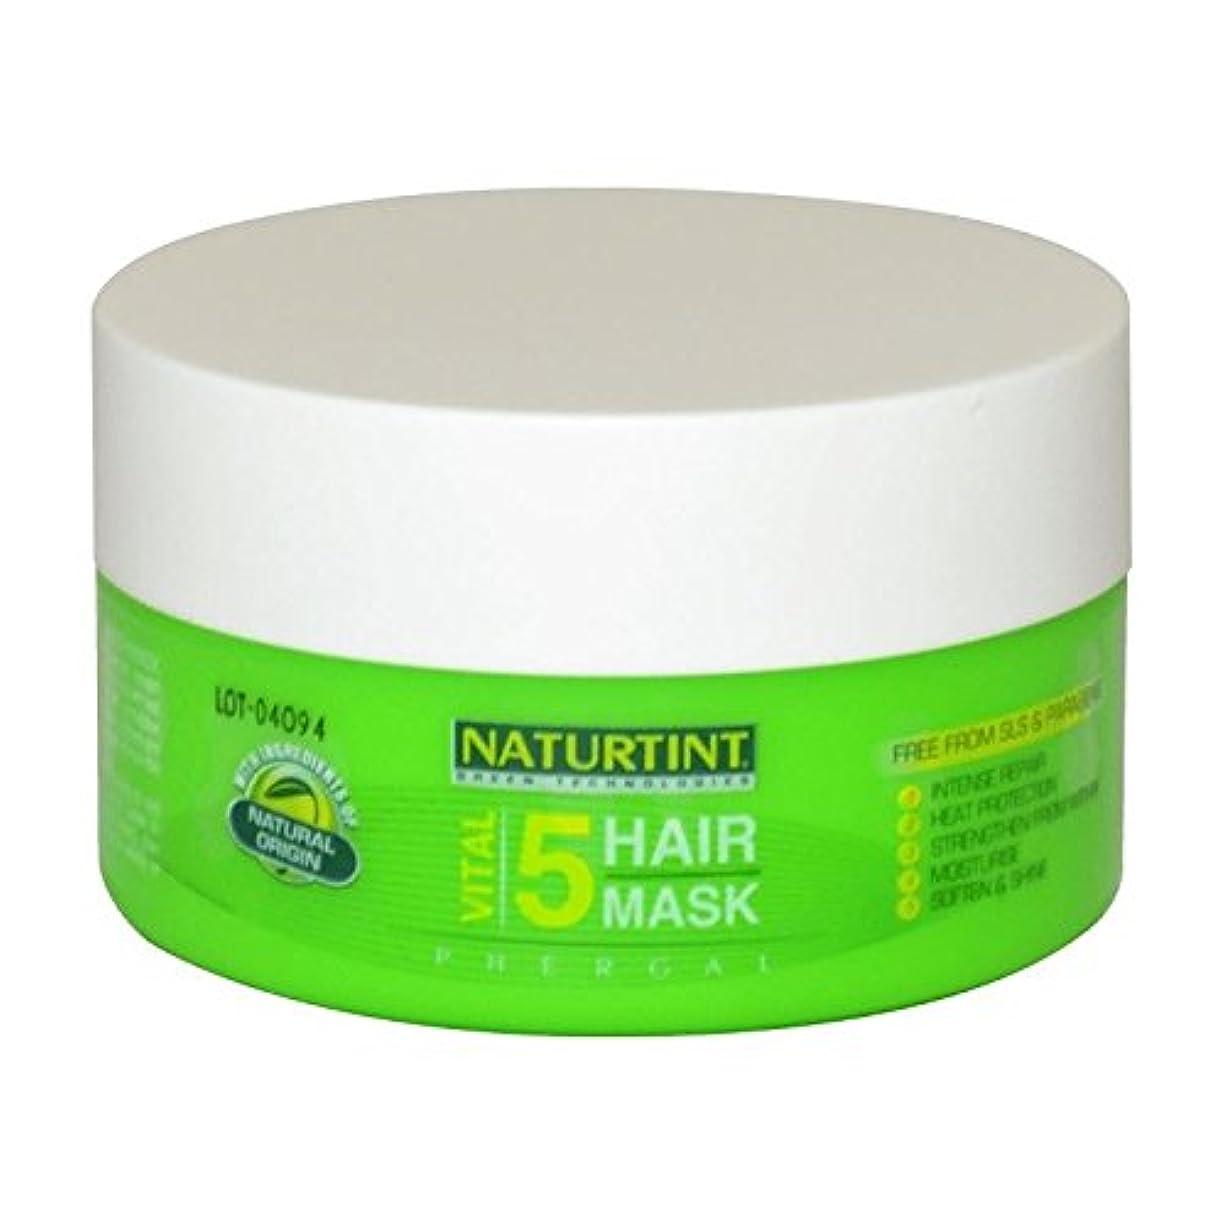 憧れ岸浸漬[Naturtint] Naturtint重要な5ヘアマスク - Naturtint Vital 5 Hair Mask [並行輸入品]